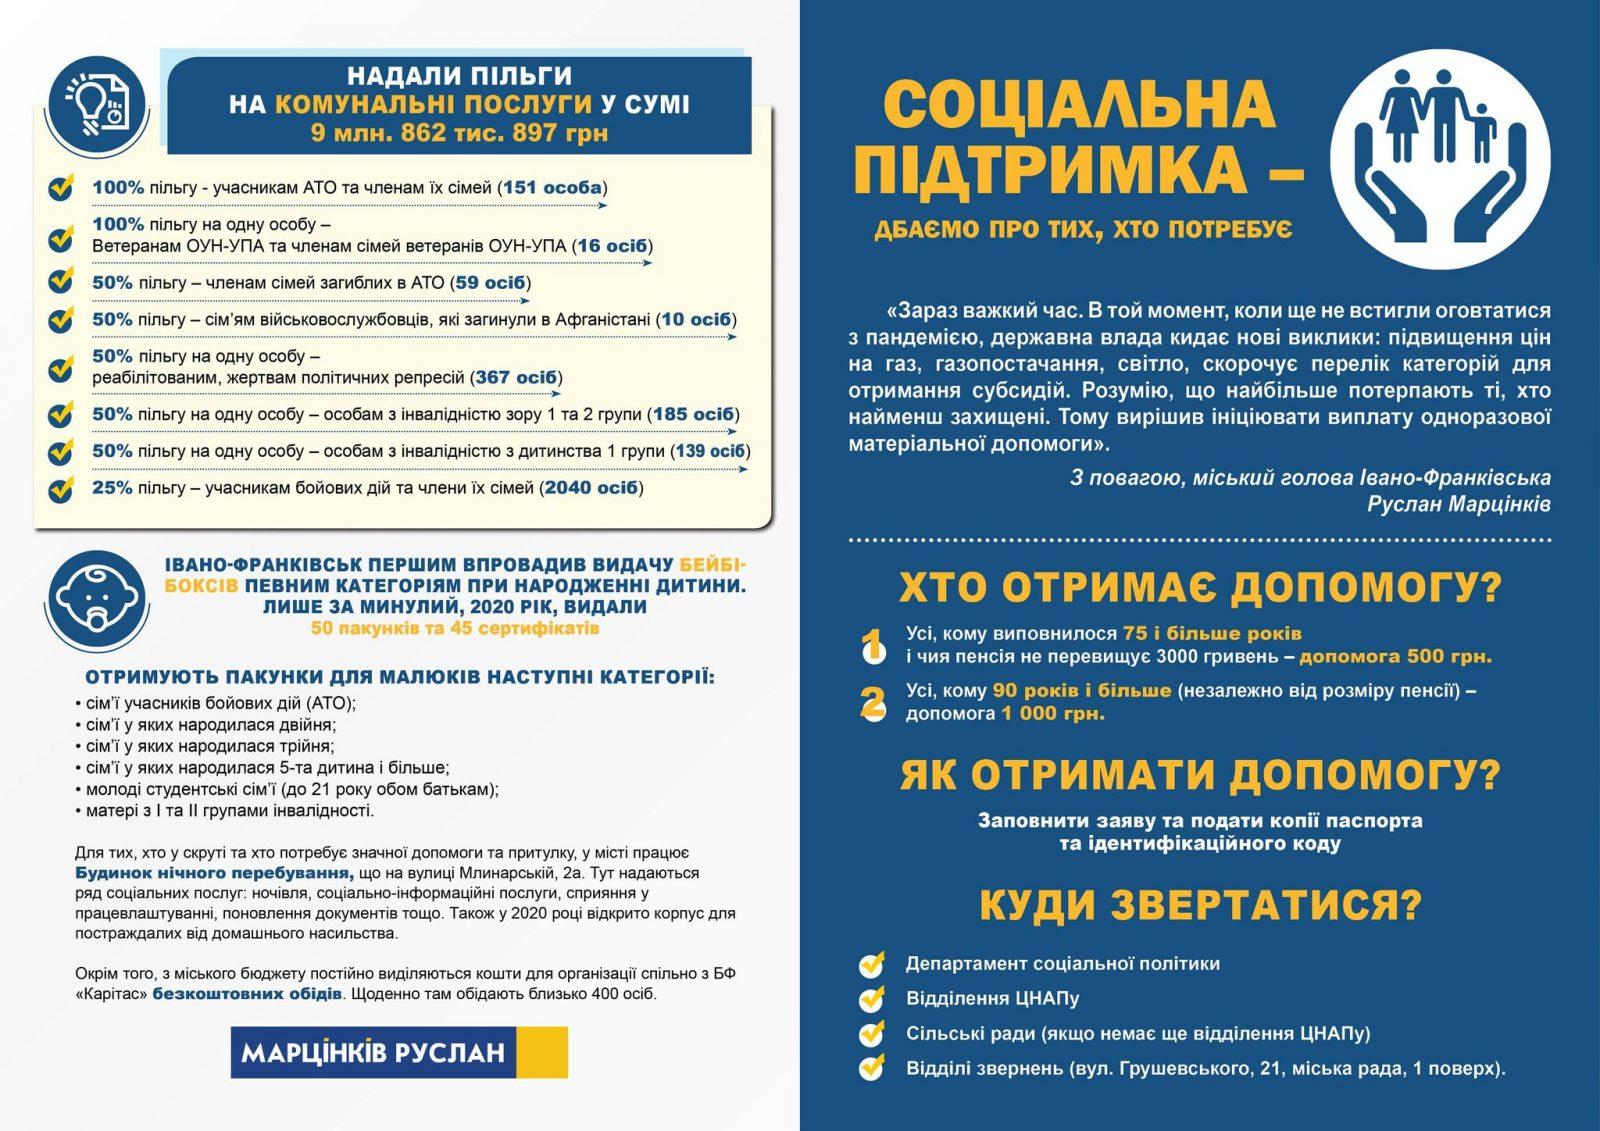 У Франківську стартувало подання заяв на одноразову матеріальну допомогу пенсіонерам